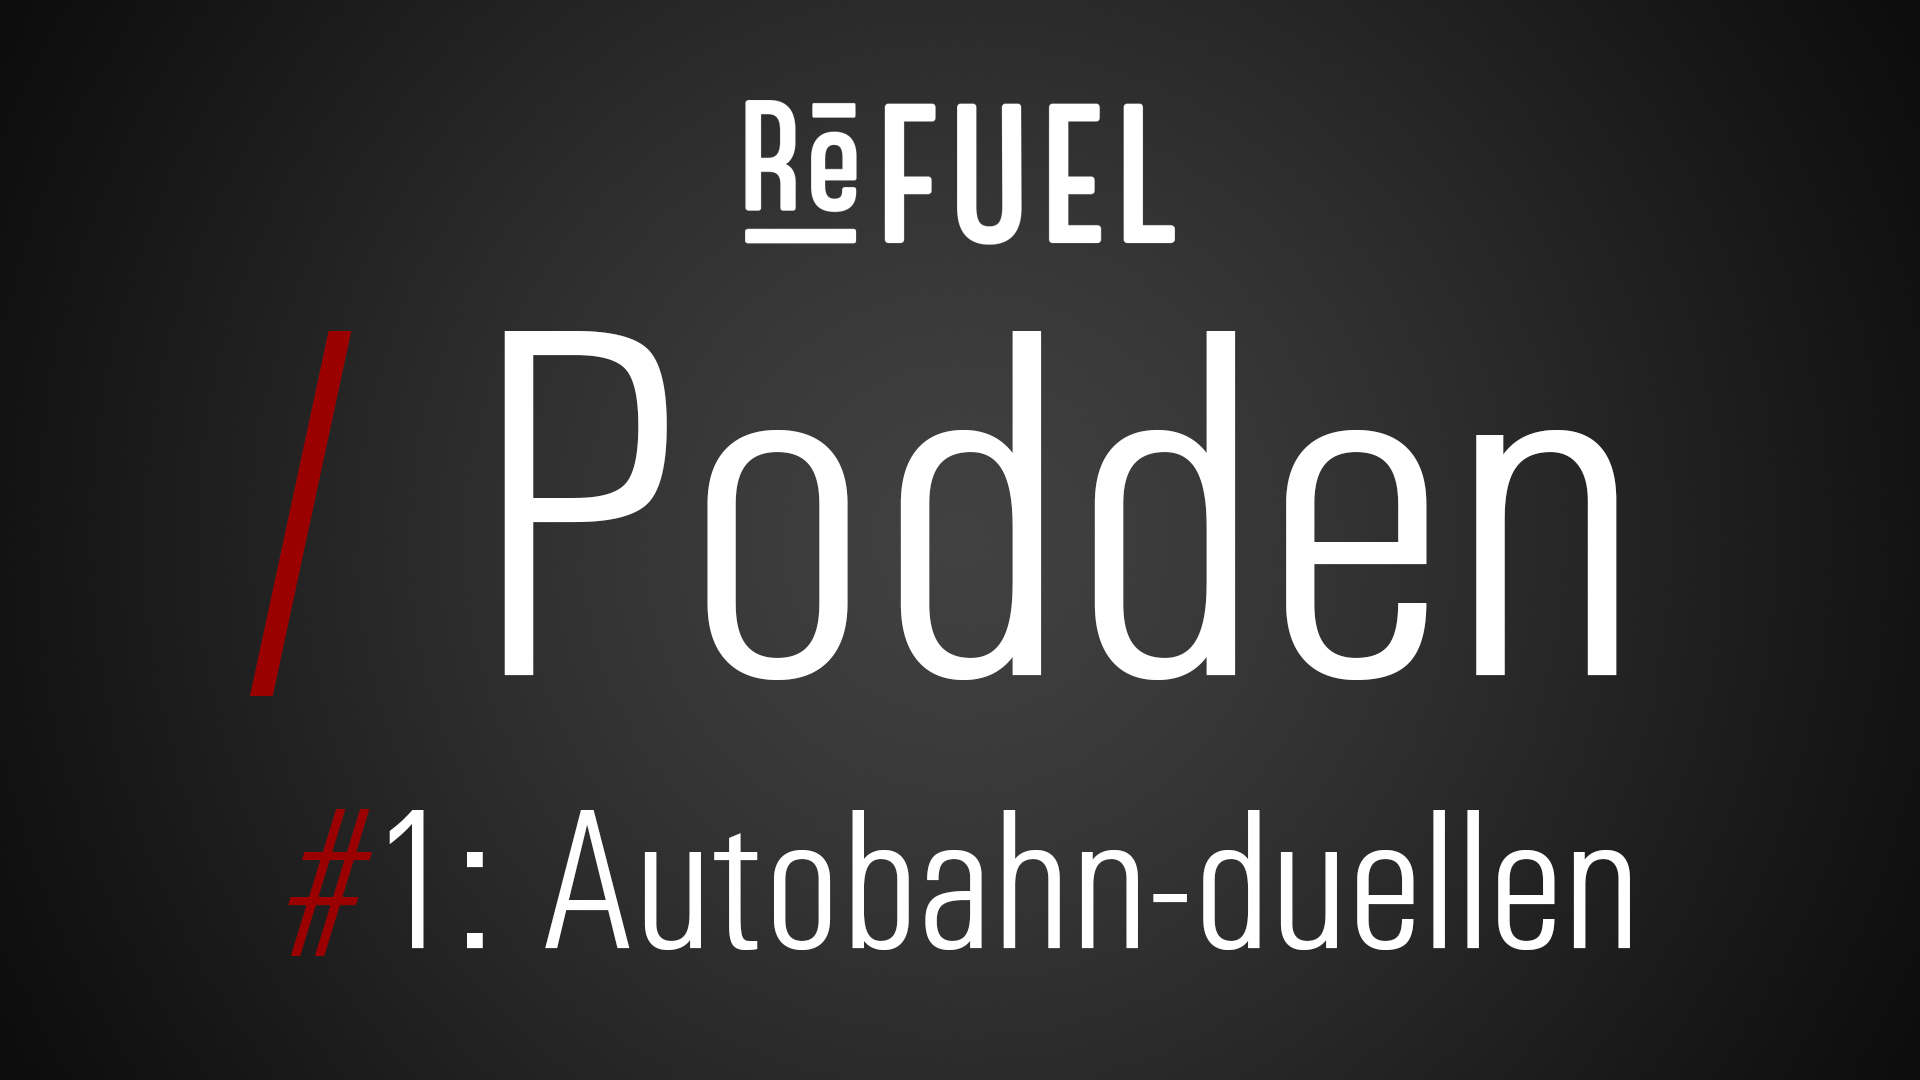 Refuel podden – Dødelig fartsduell på Autobahn